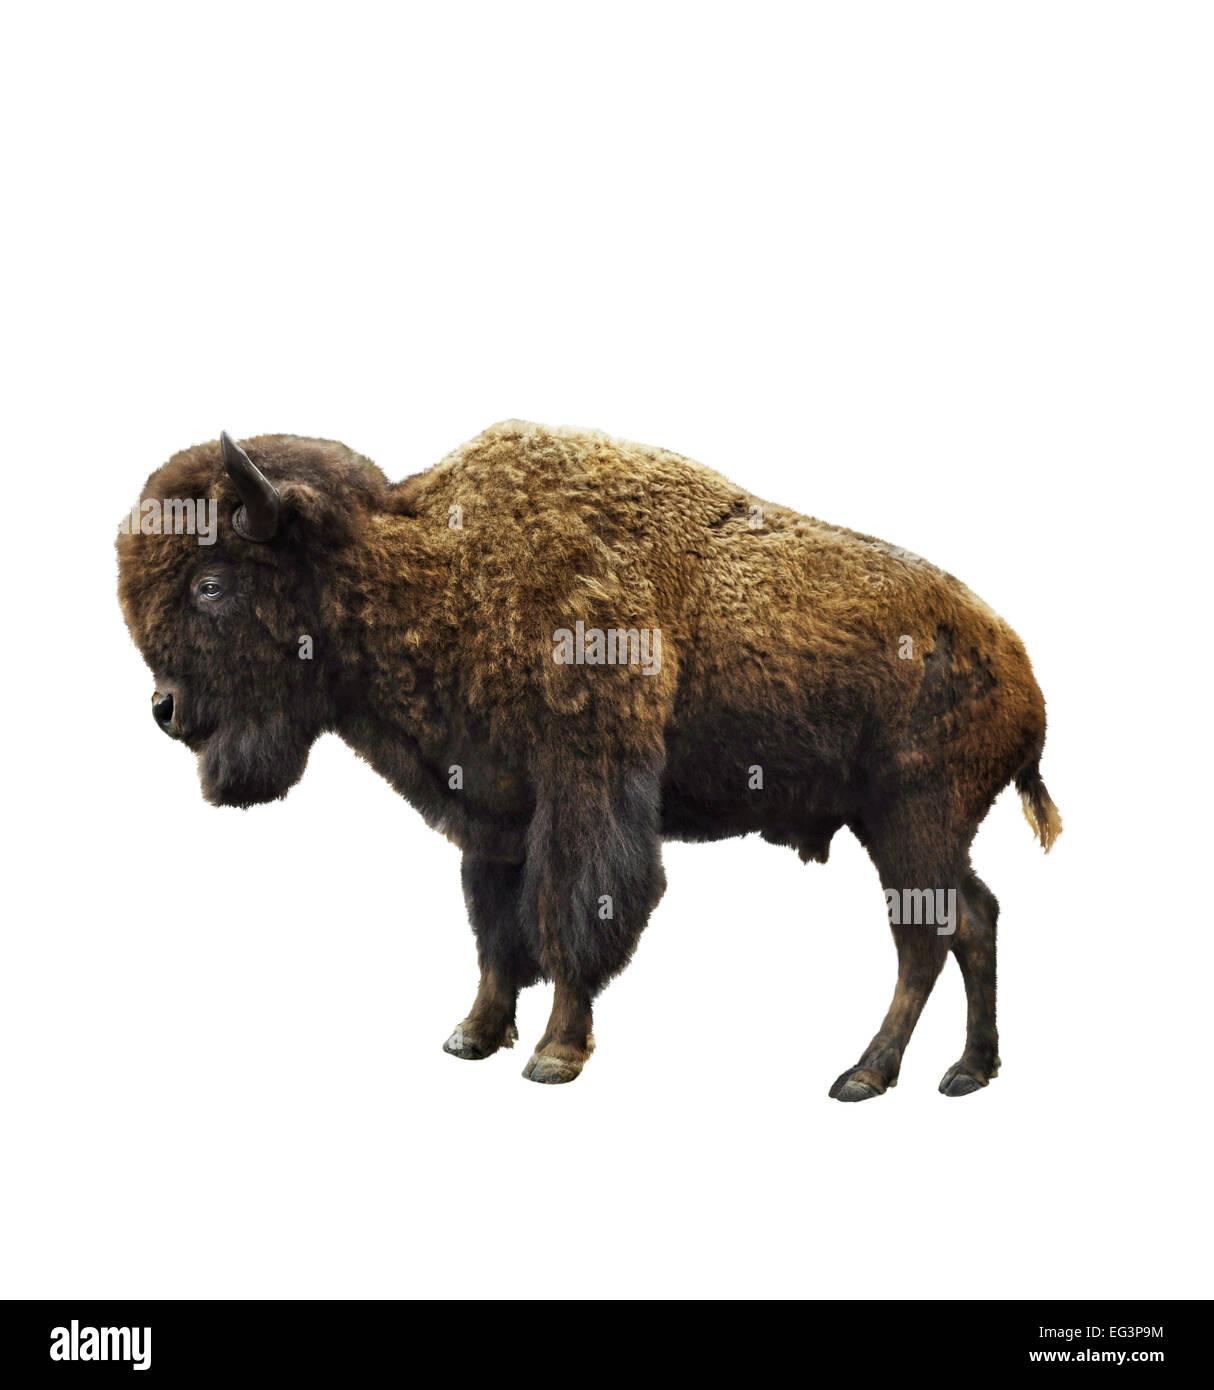 Bison américain isolé sur fond blanc Banque D'Images